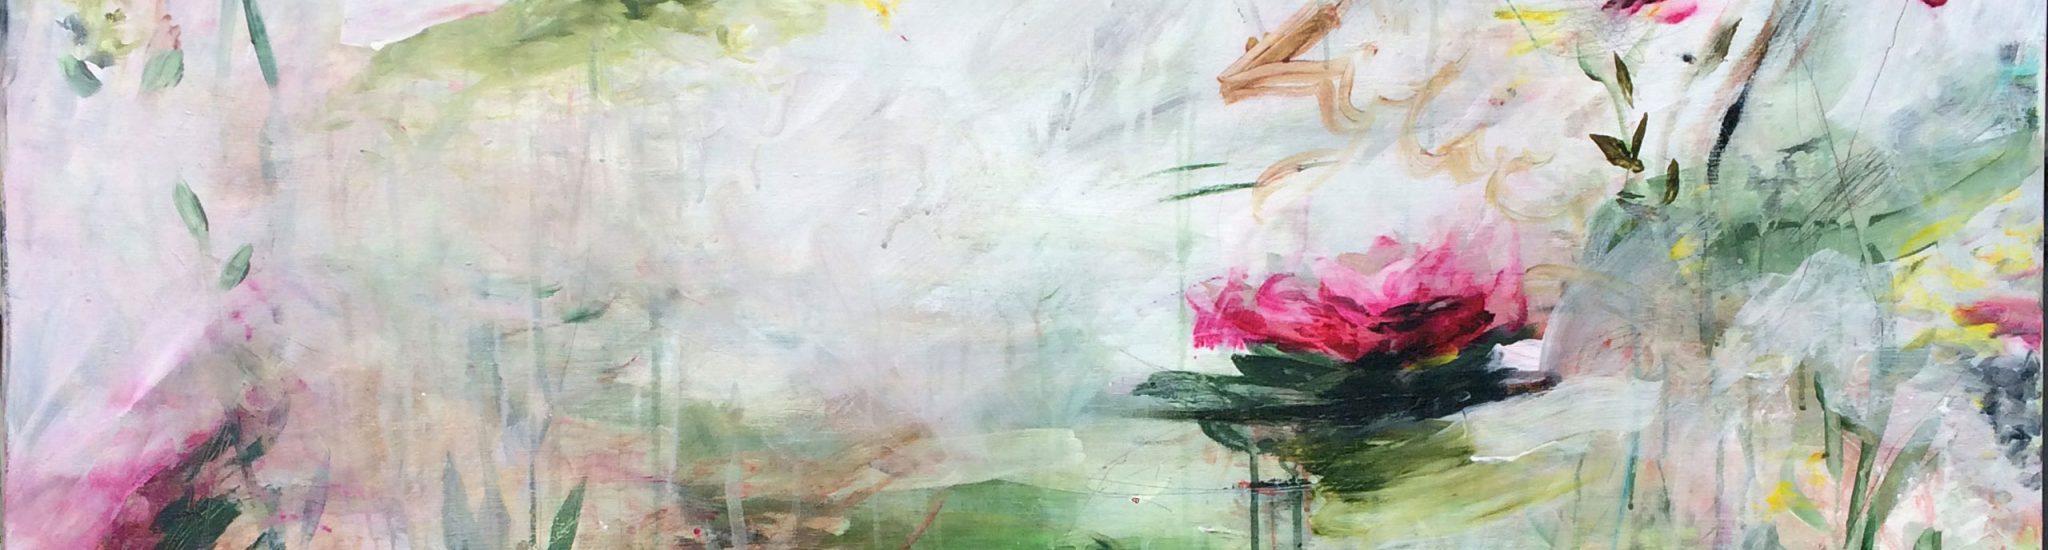 Peinture sur toile Estelle Séré - www.estellesere.com